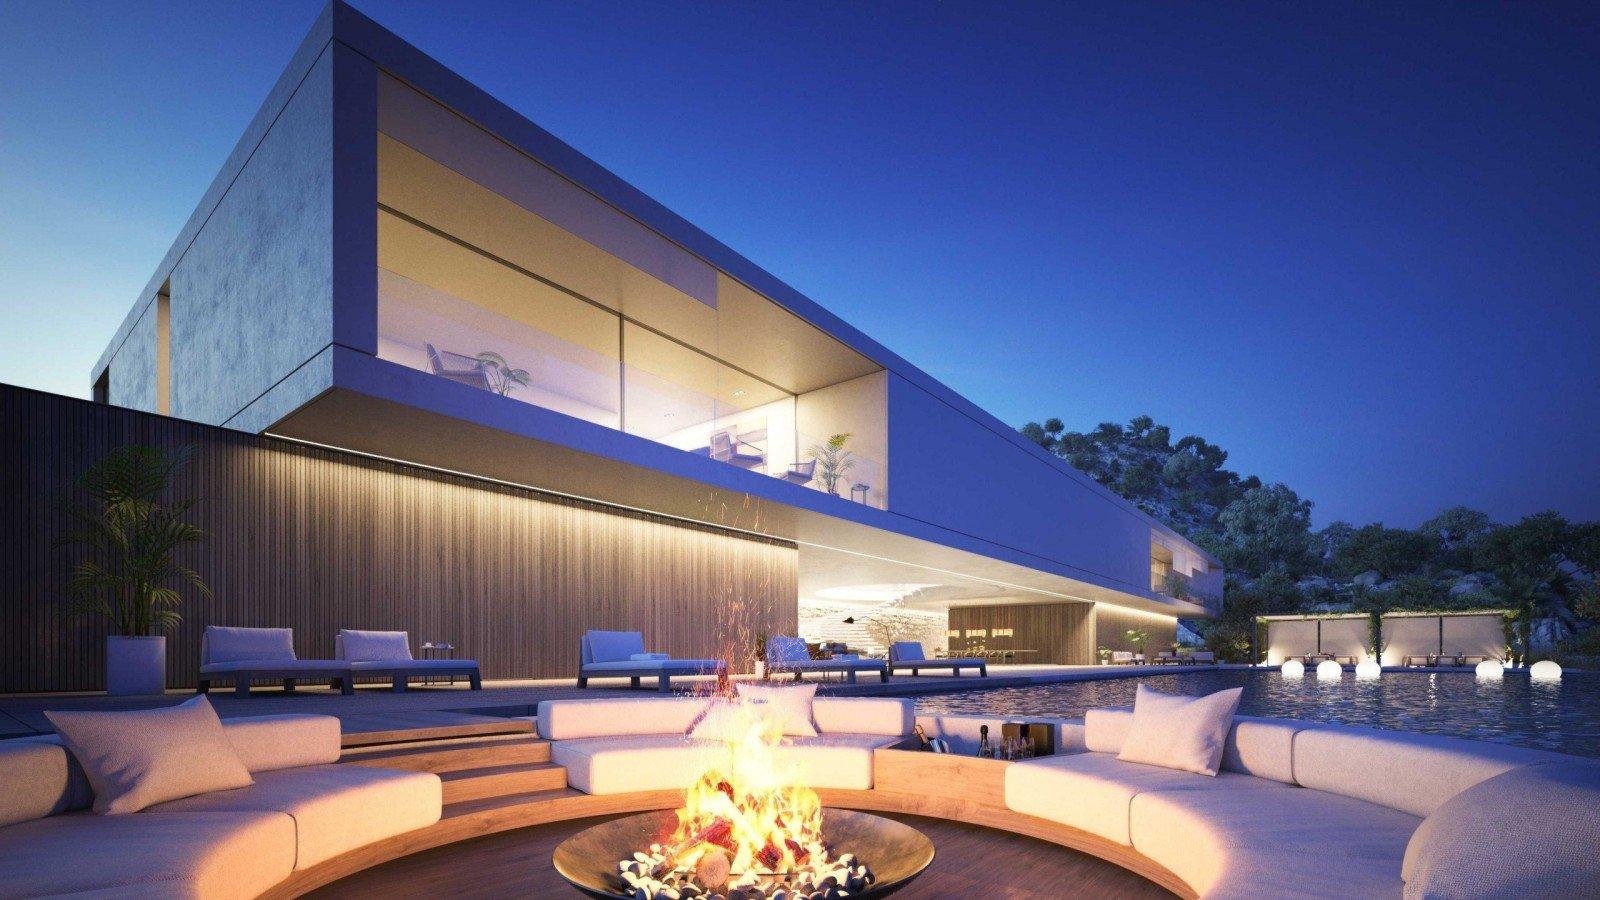 Superhouse casas de lujo de edici n limitada the luxury - Casas modulares de lujo ...